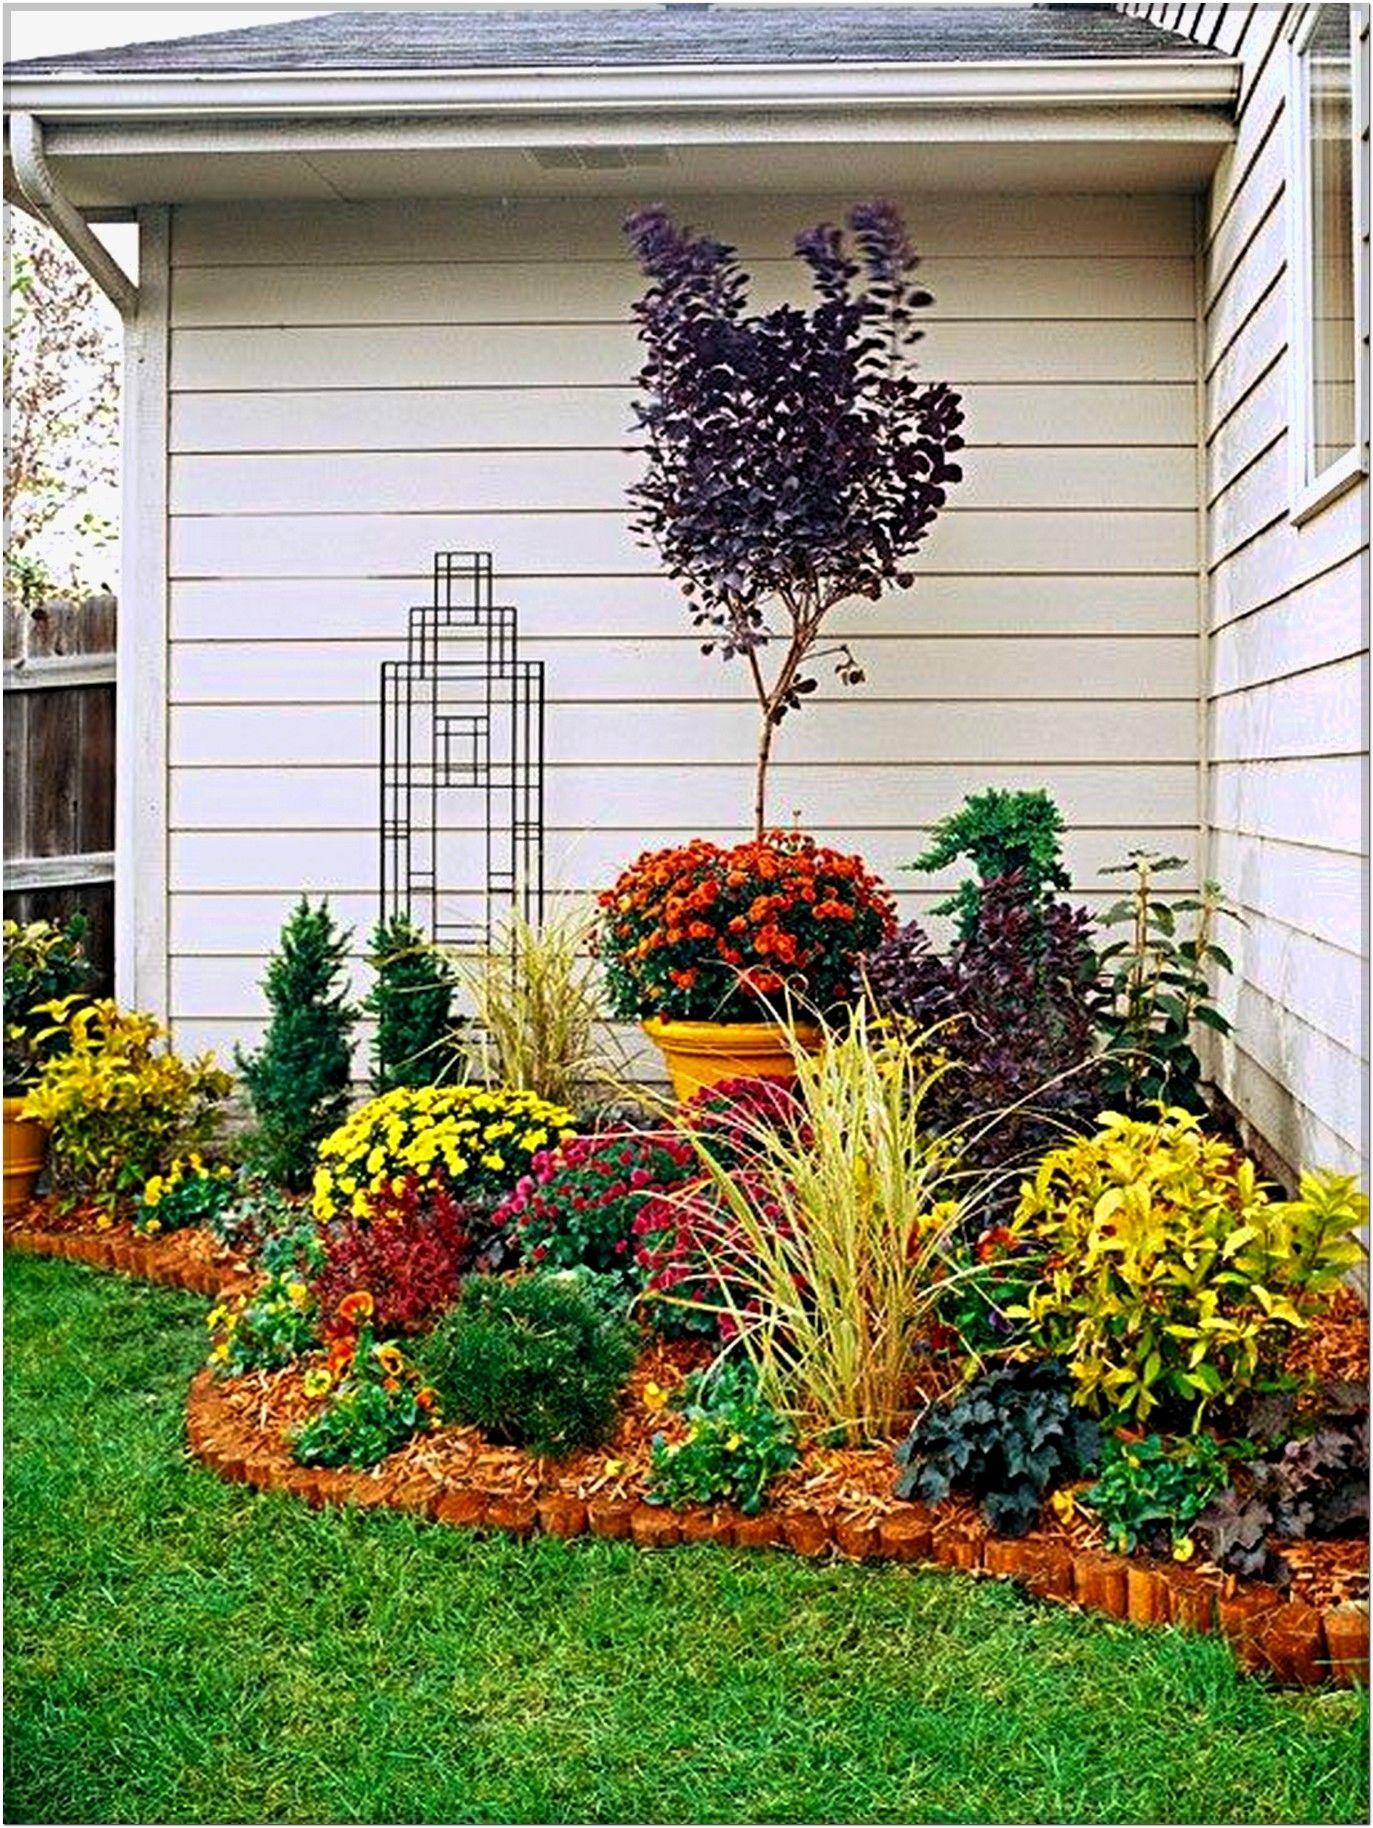 flower garden designs small corner garden design diy, do it yourself on a budget garden WNBTUOA